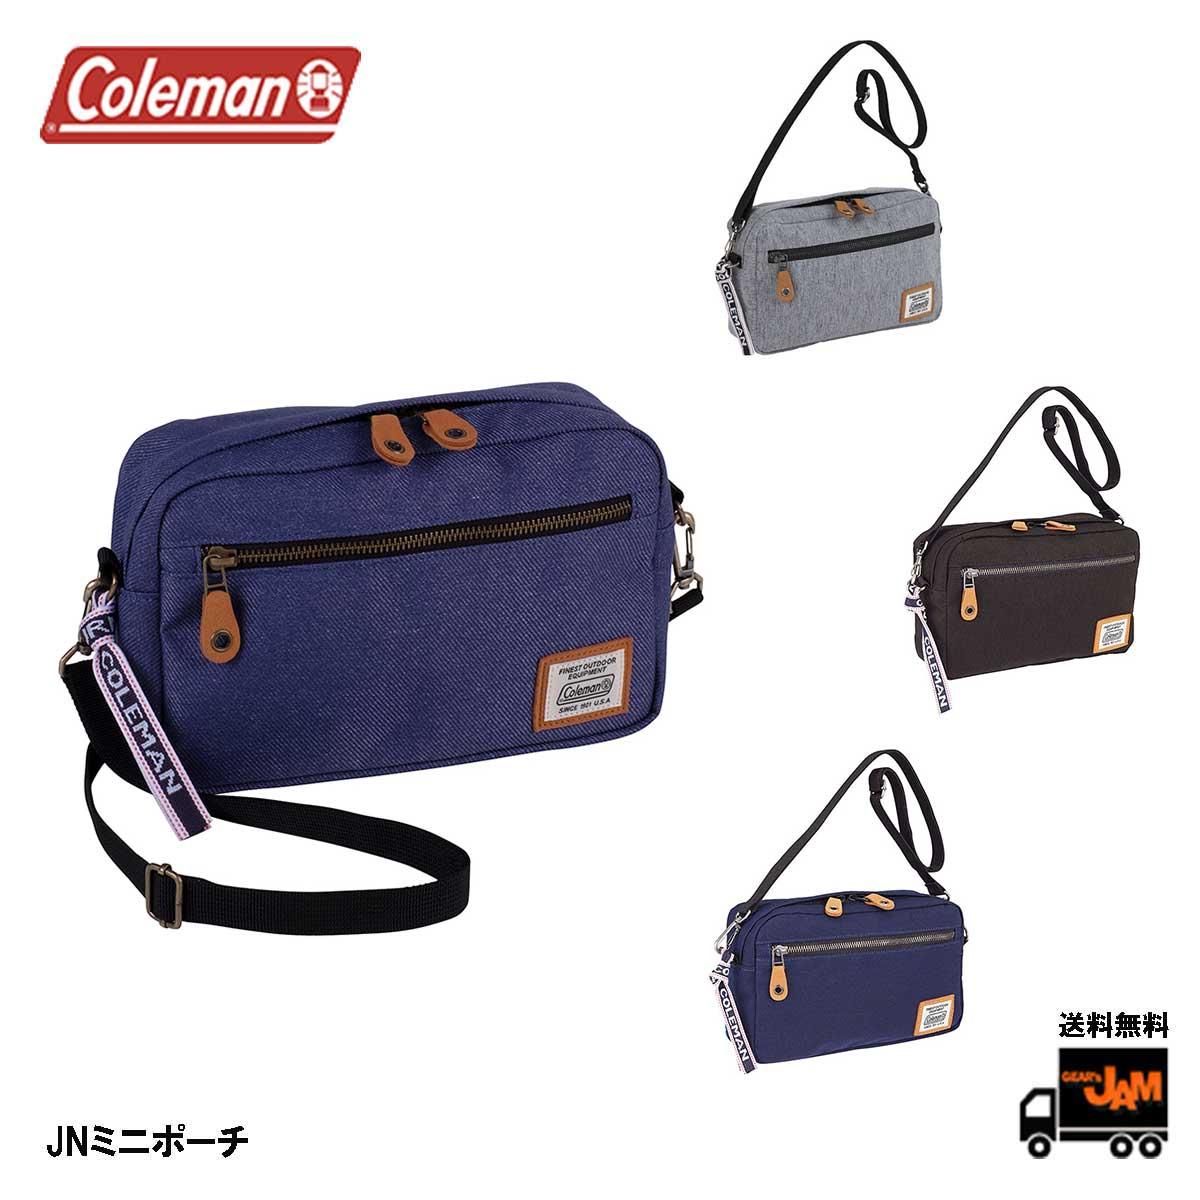 Coleman コールマン JN MINIPOUCH 人気 おすすめ JNミニポーチ アウトドア ショルダー メンズ 送料無料 ポーチ 日本全国 ミニ レディース